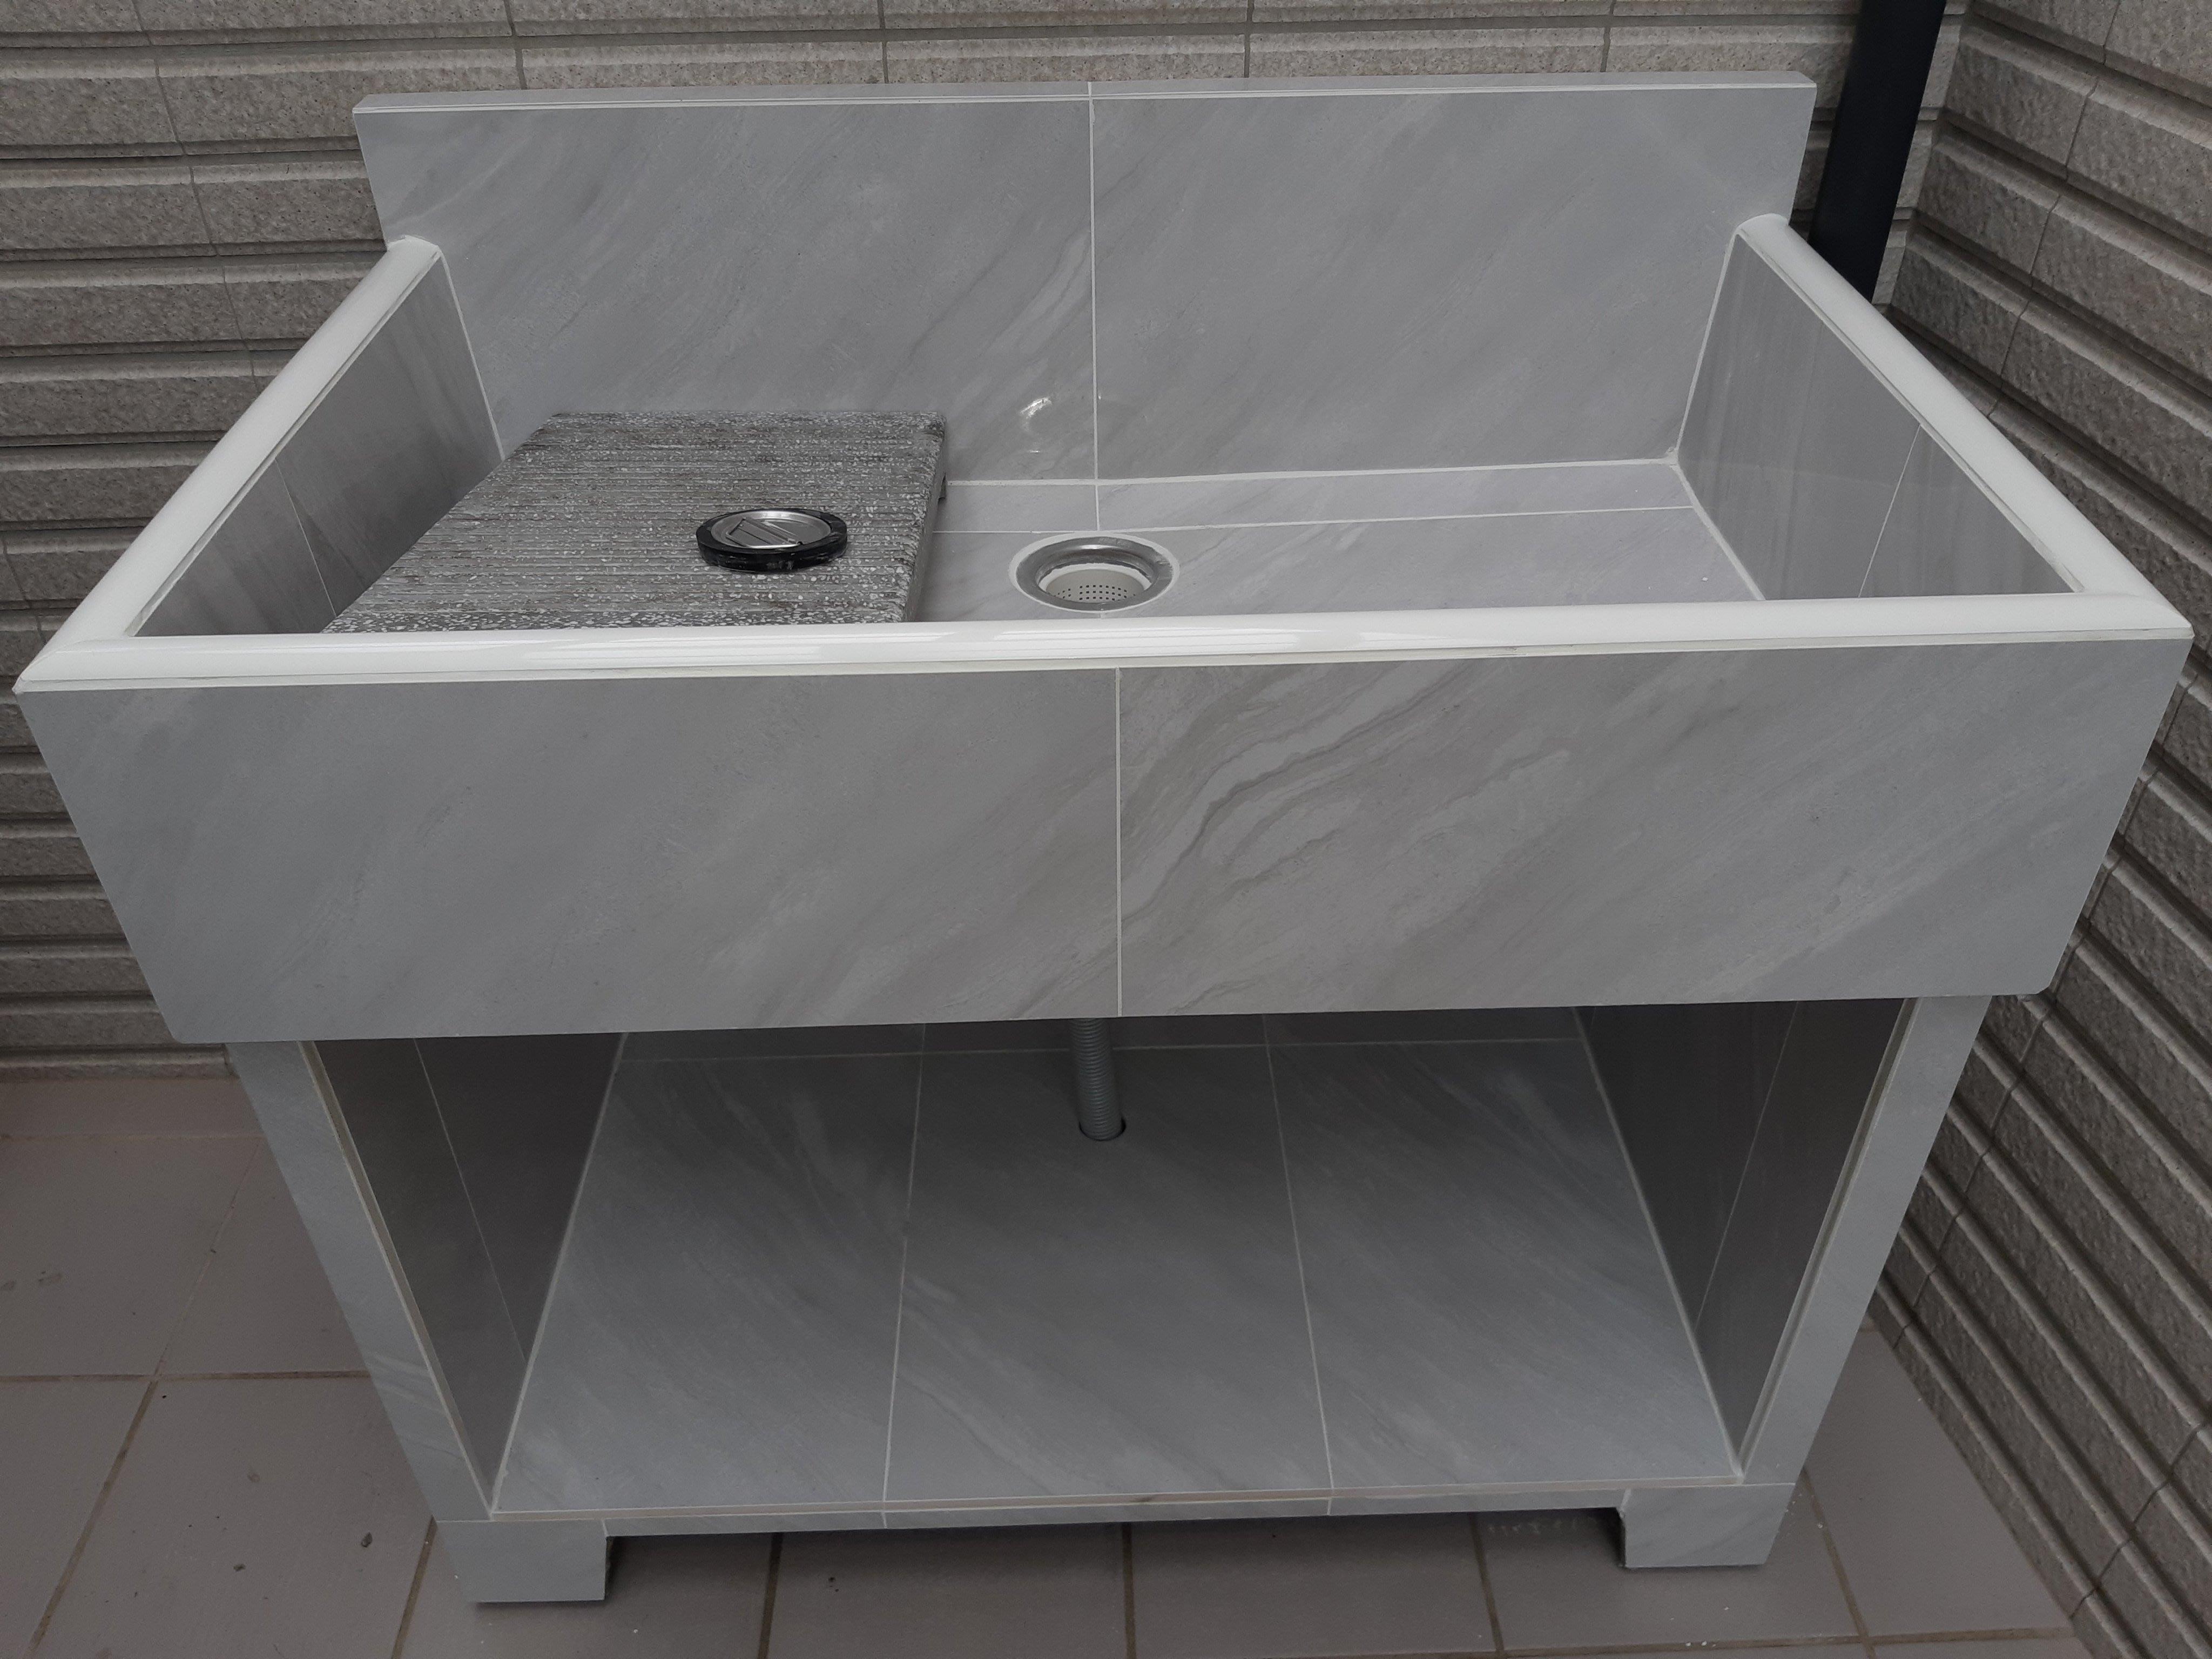 【元利洗衣台】洗衣槽,洗手台,預售屋,水泥水槽,洗衣台